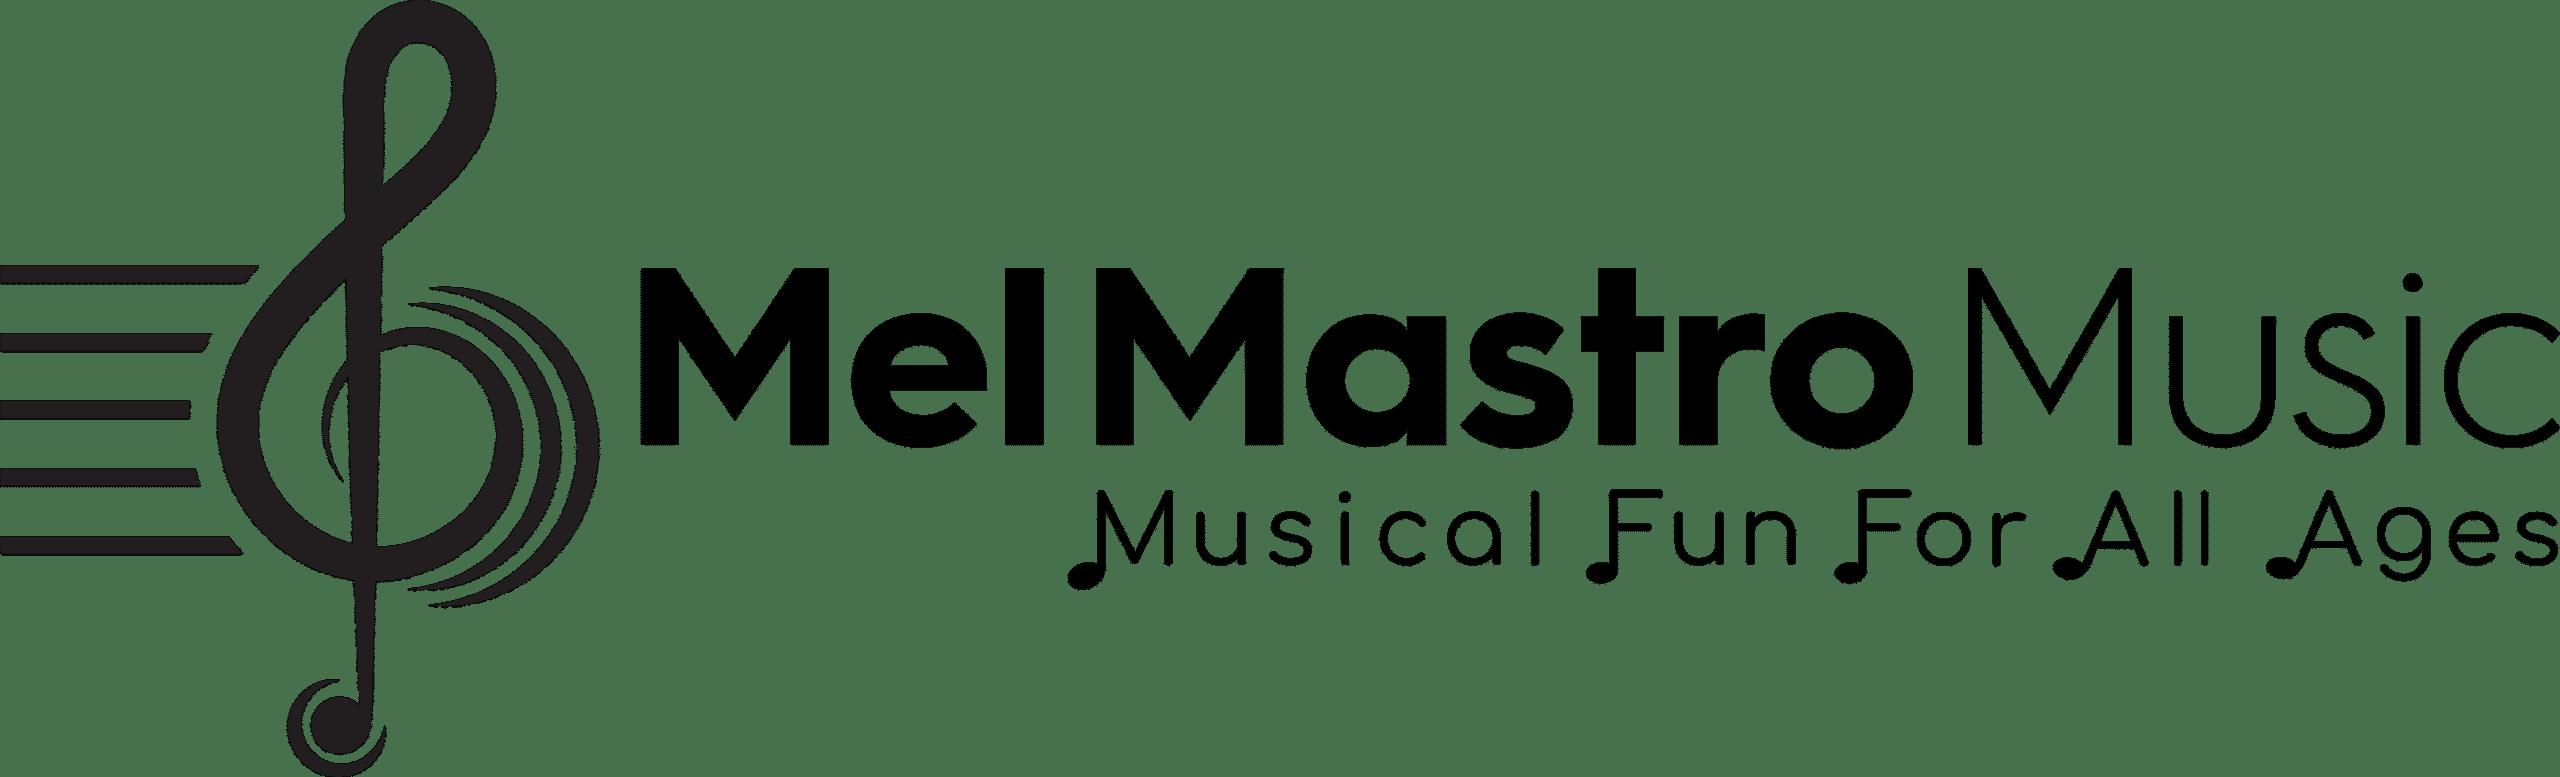 Mel Mastro Music